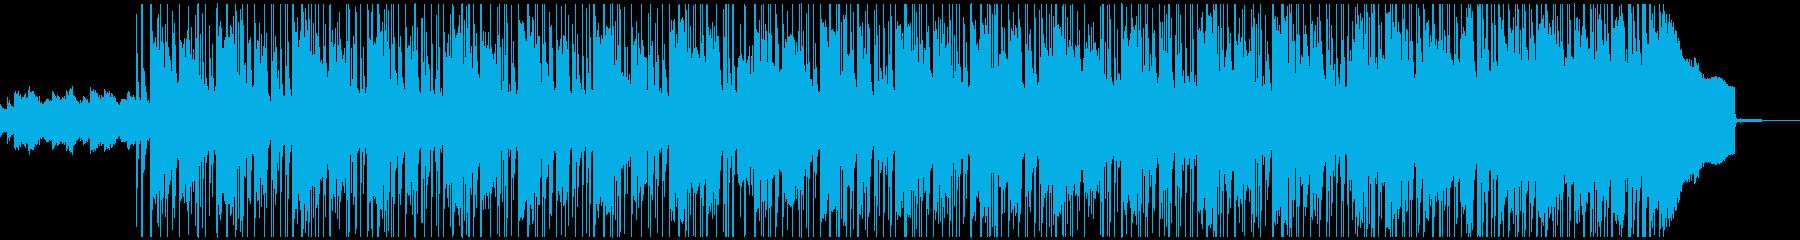 エレピやシンセが入った柔らかいロックの再生済みの波形